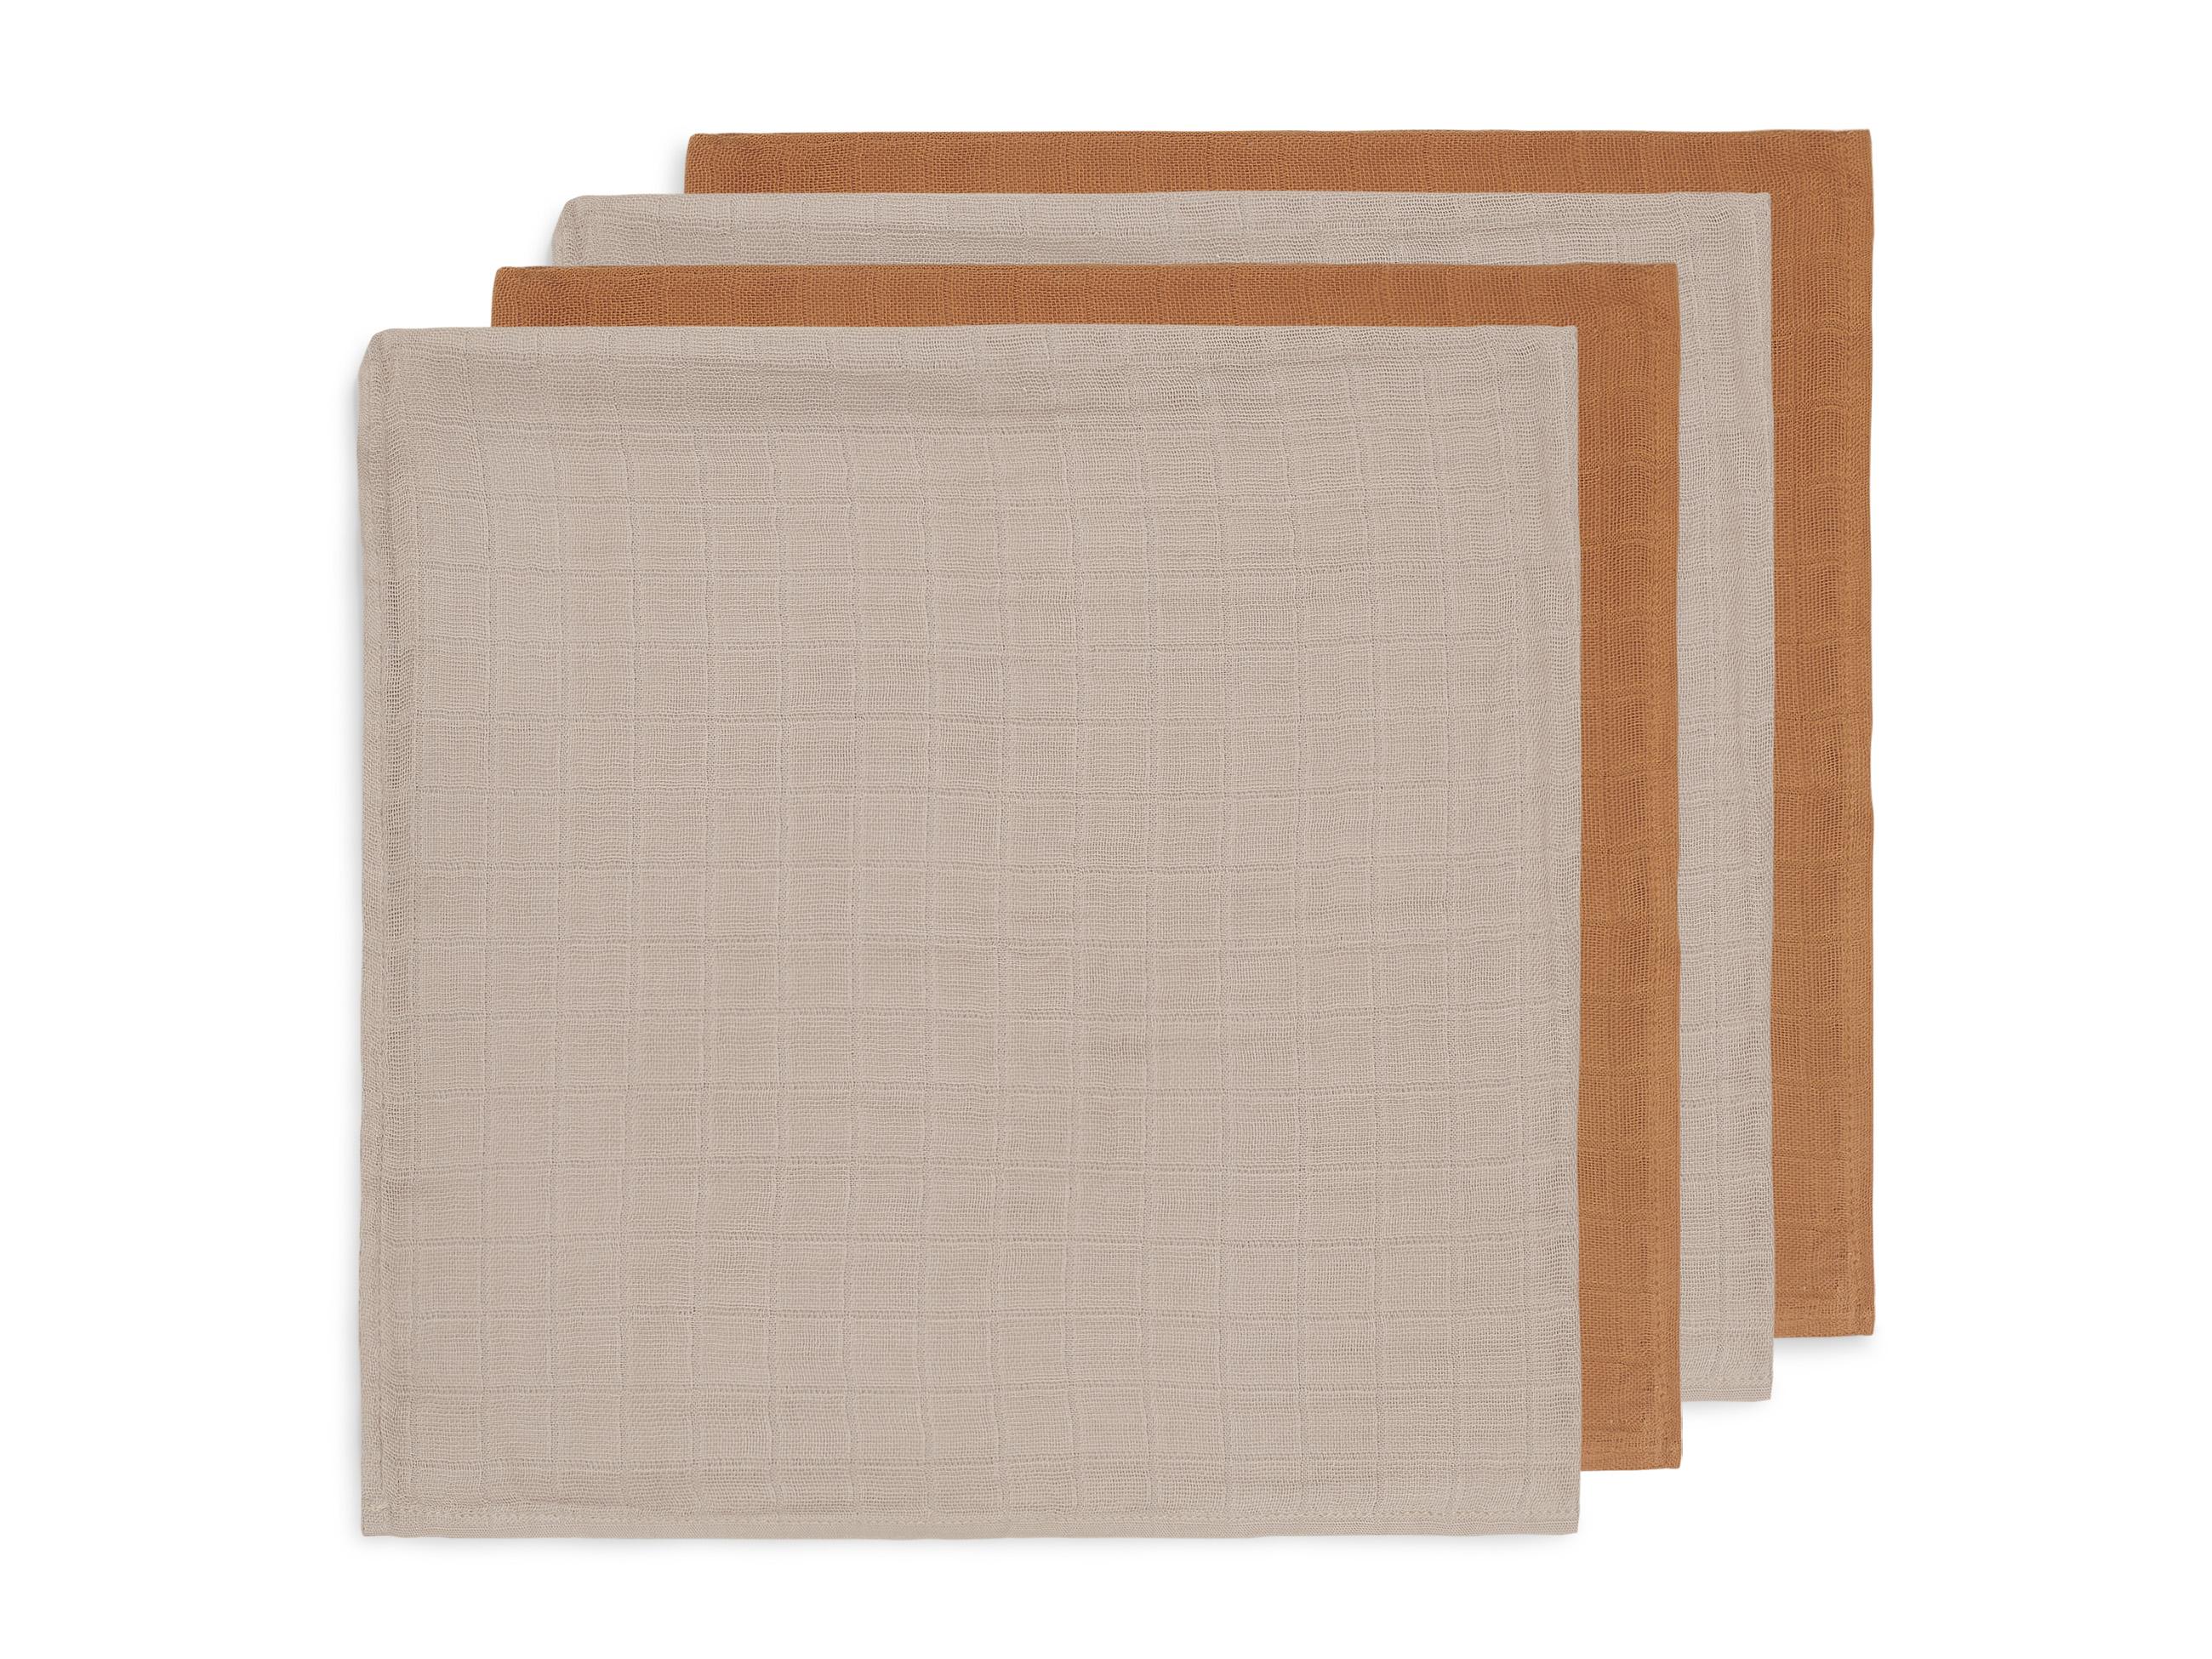 Mulltücher Bambus 4er Set karamell (Gr. 70x70 cm)